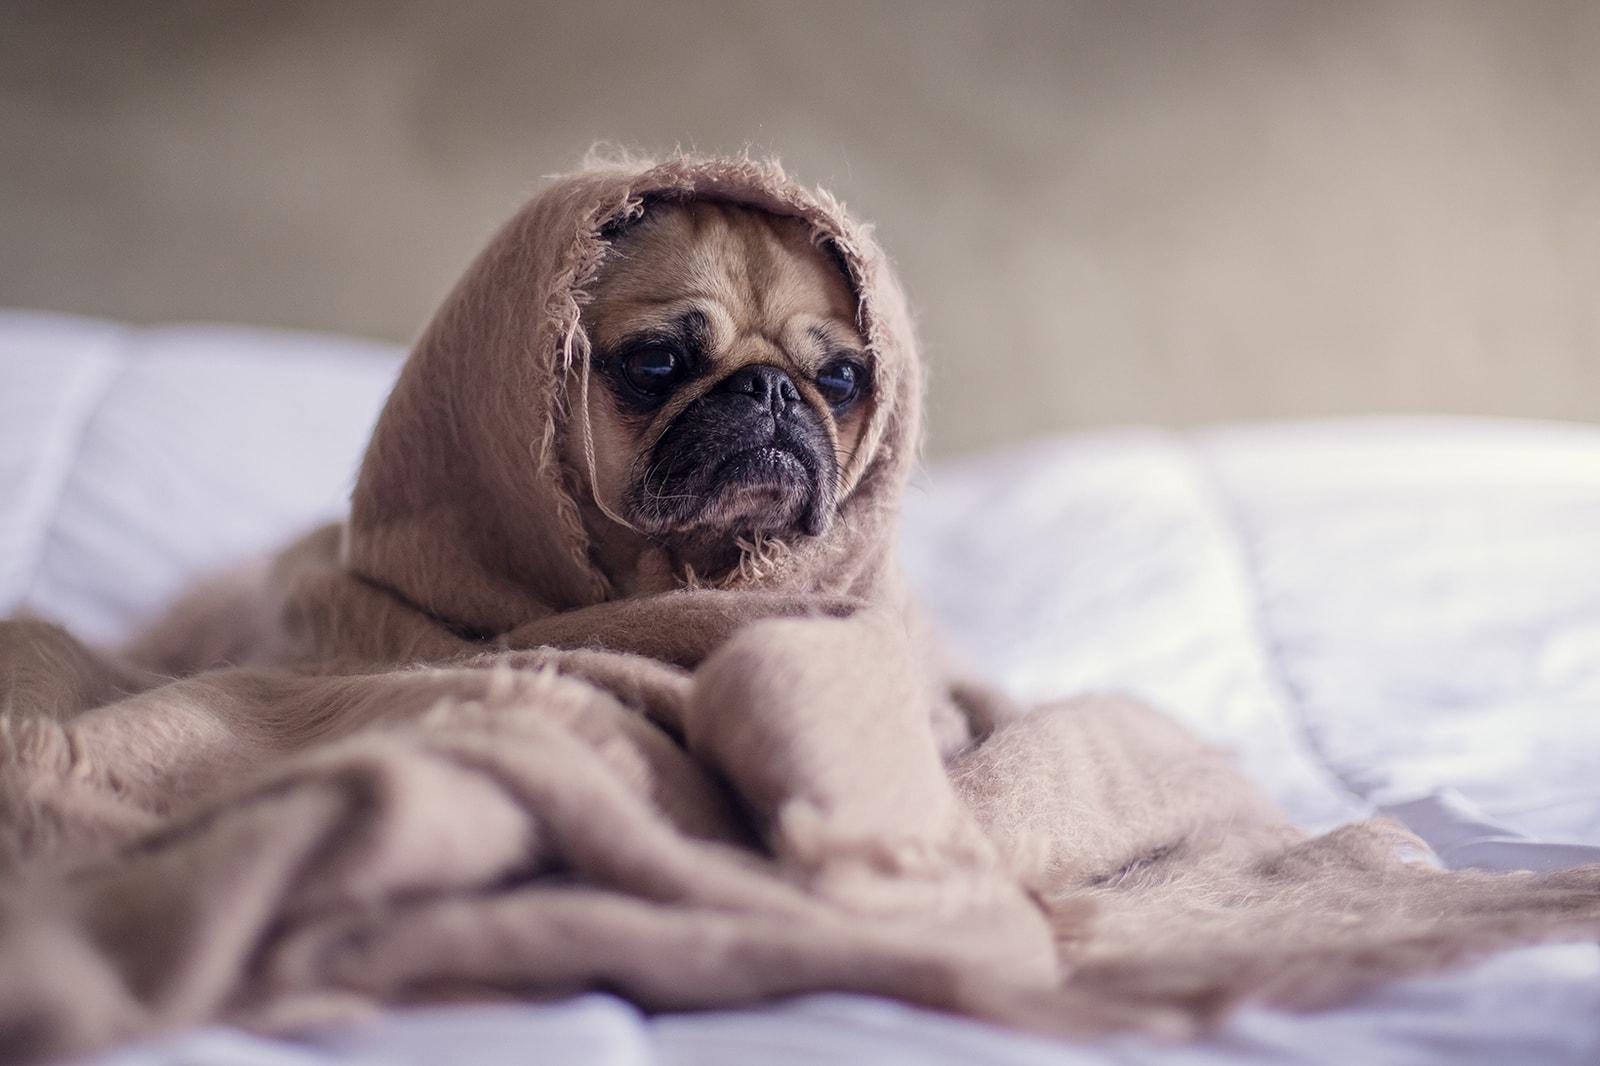 Sleep Bed Dog Pug Blanket Insomnia